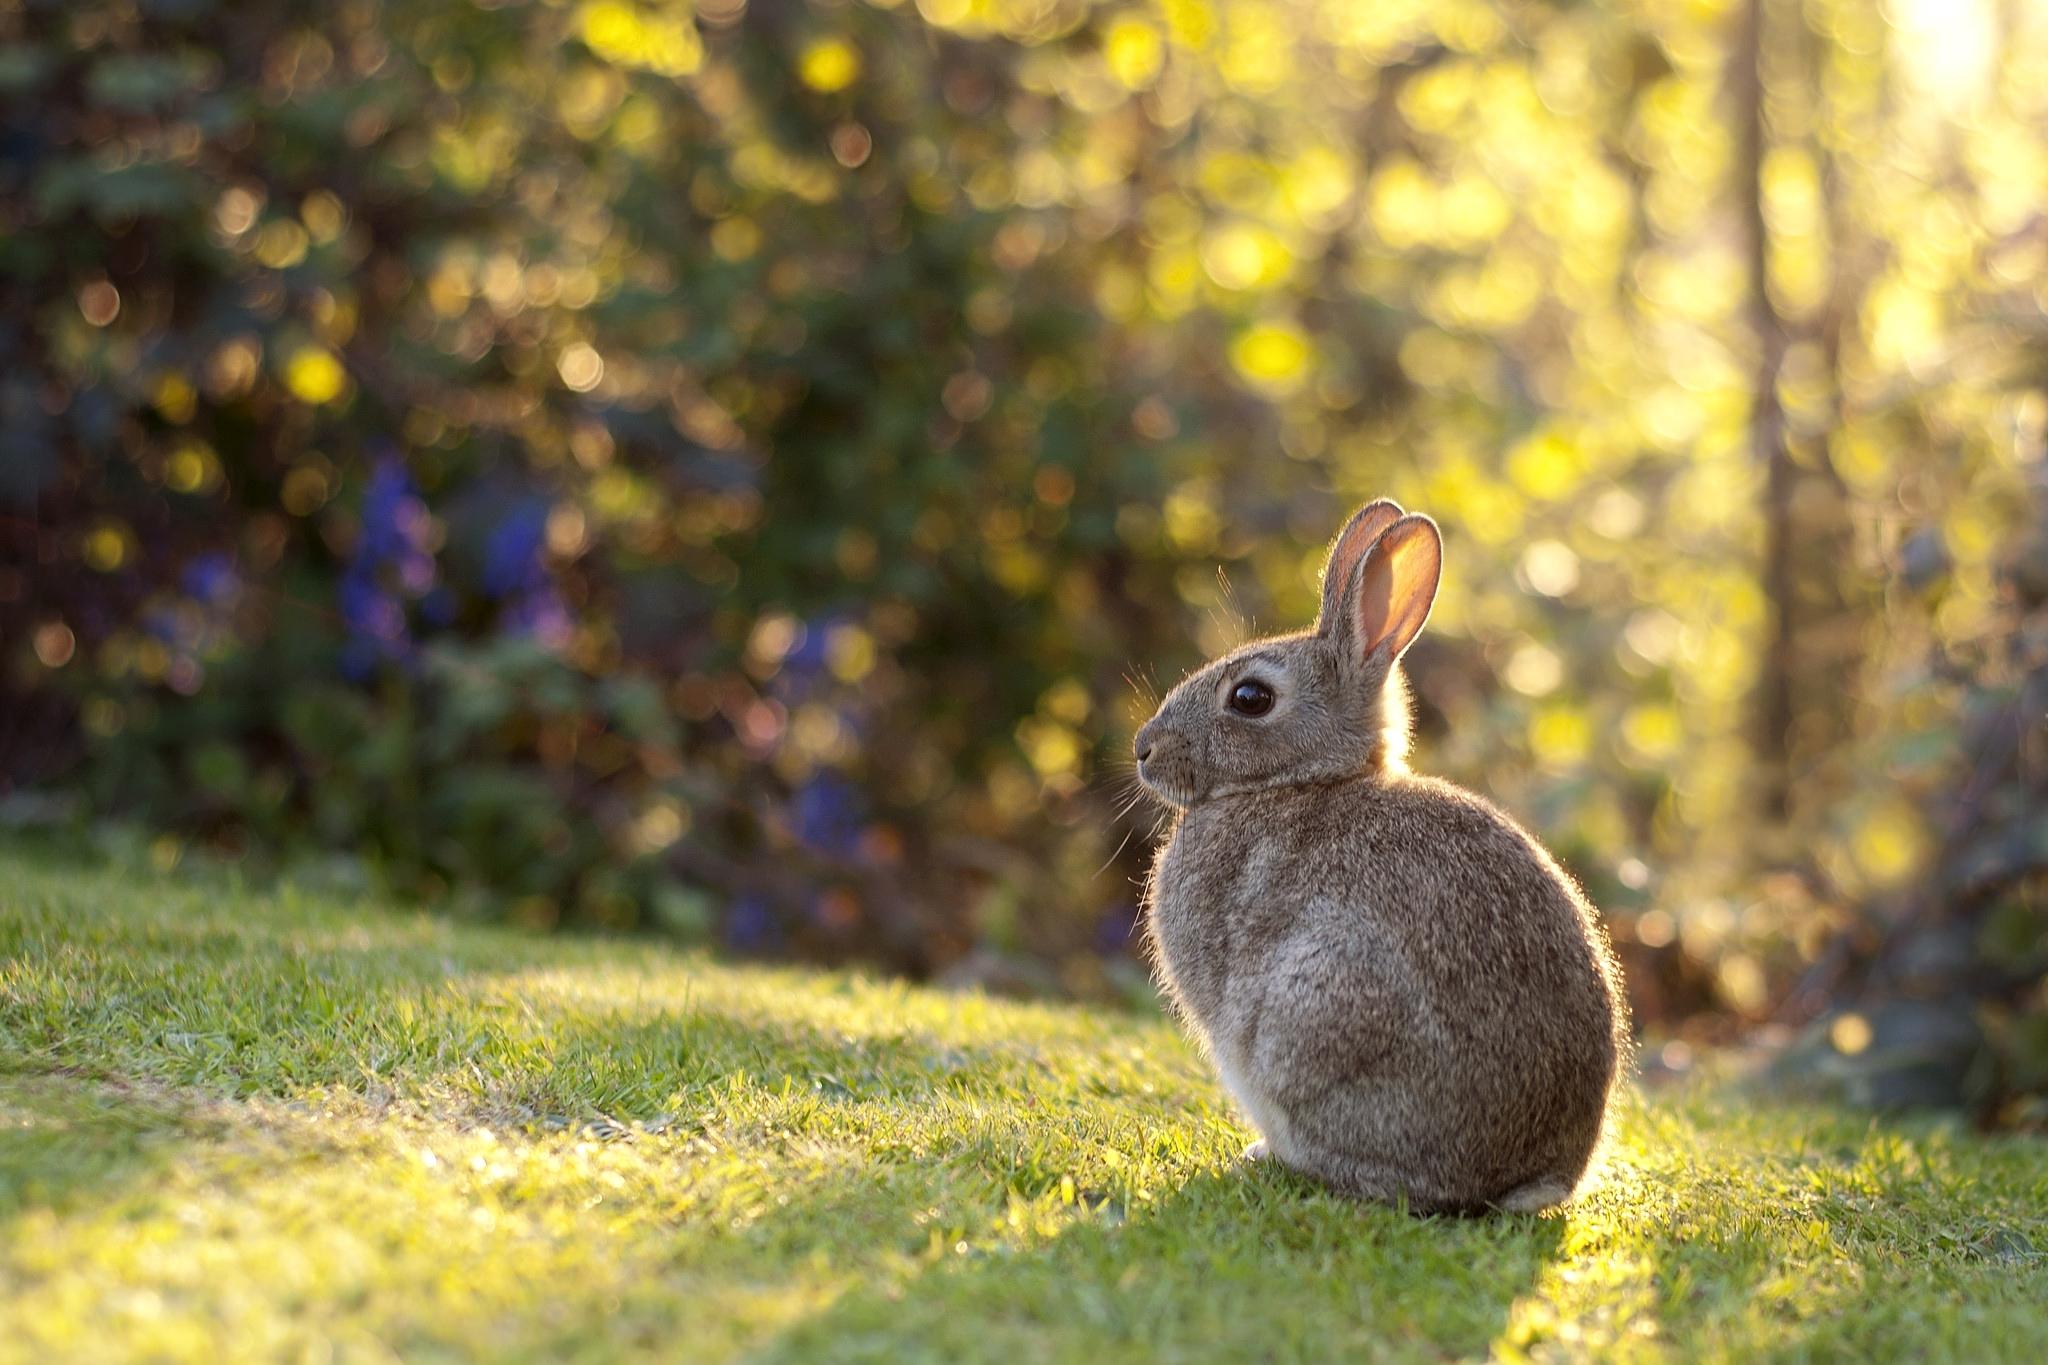 97271 Hintergrundbild herunterladen Kaninchen, Tiere, Grass, Sonnenlicht, Hase - Bildschirmschoner und Bilder kostenlos